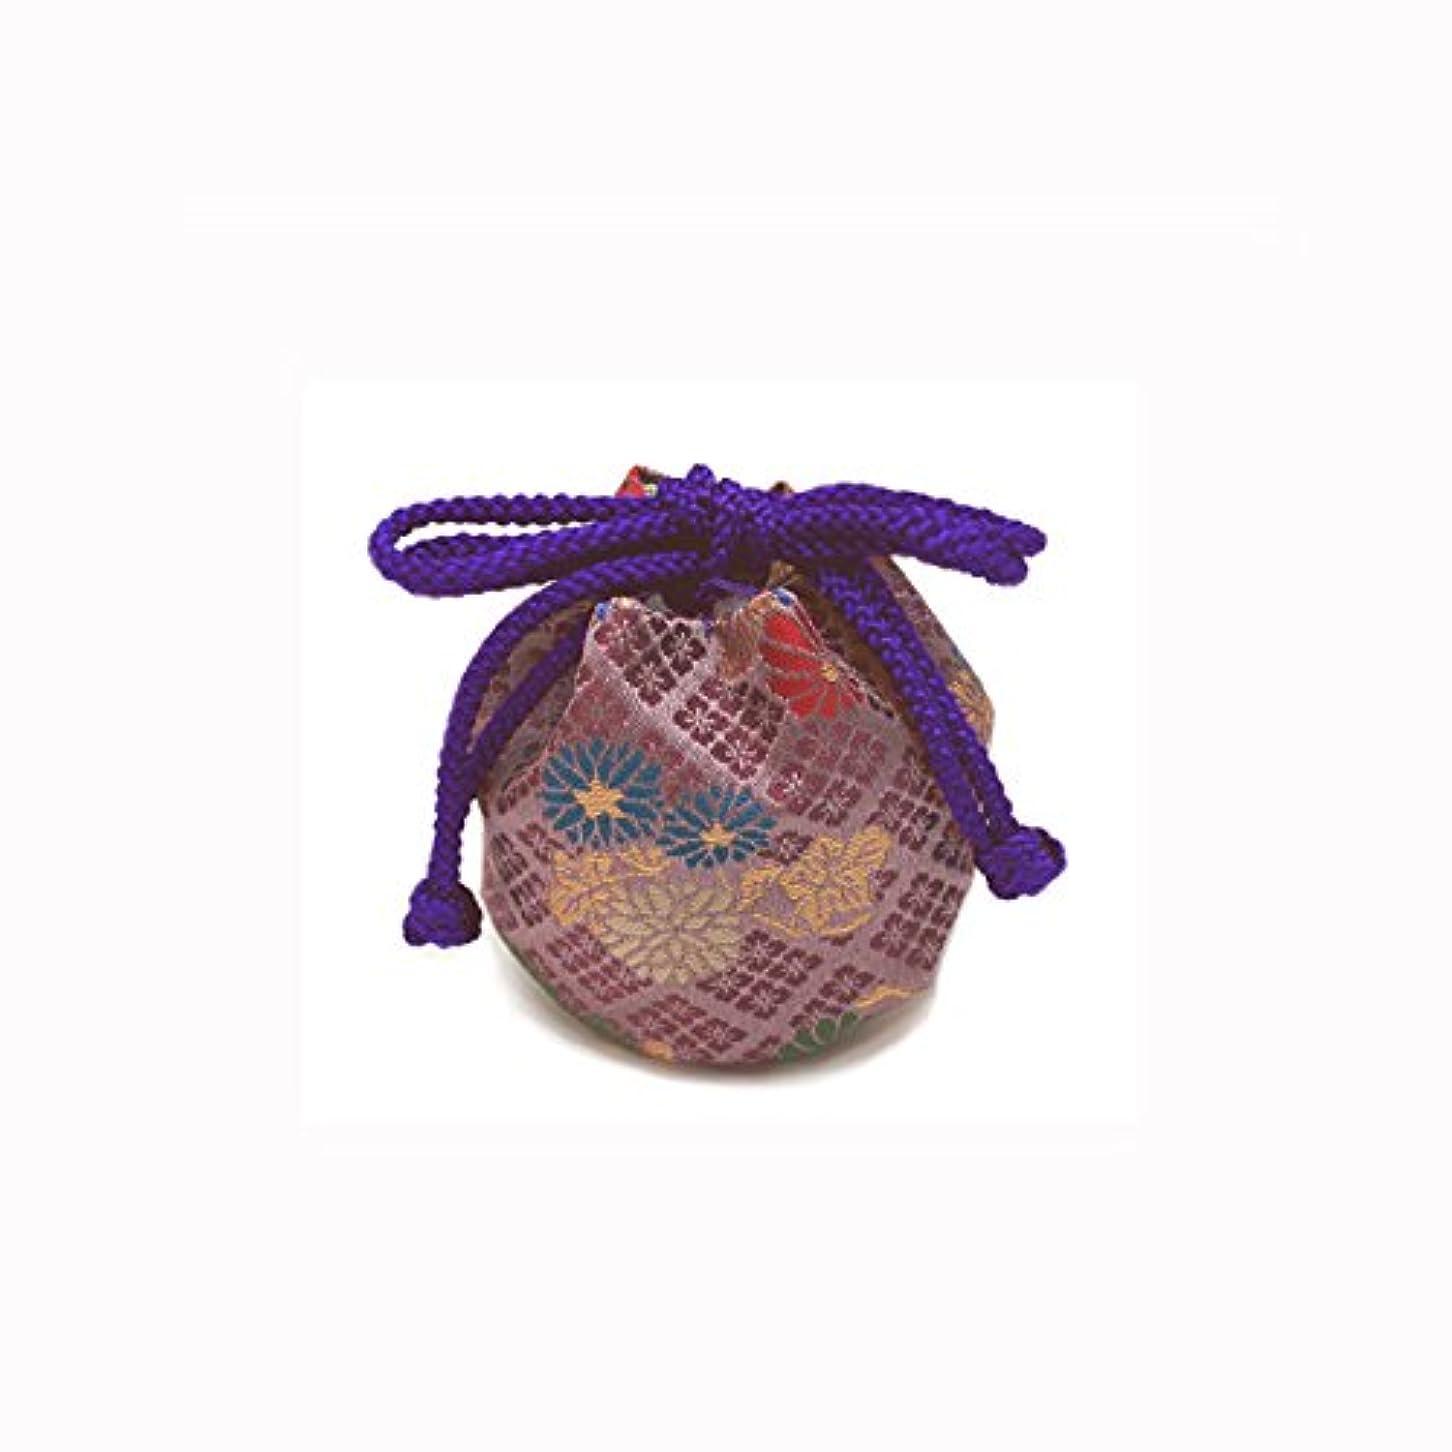 気怠い医薬品置くためにパック御所袋 小 キンラン 紫系